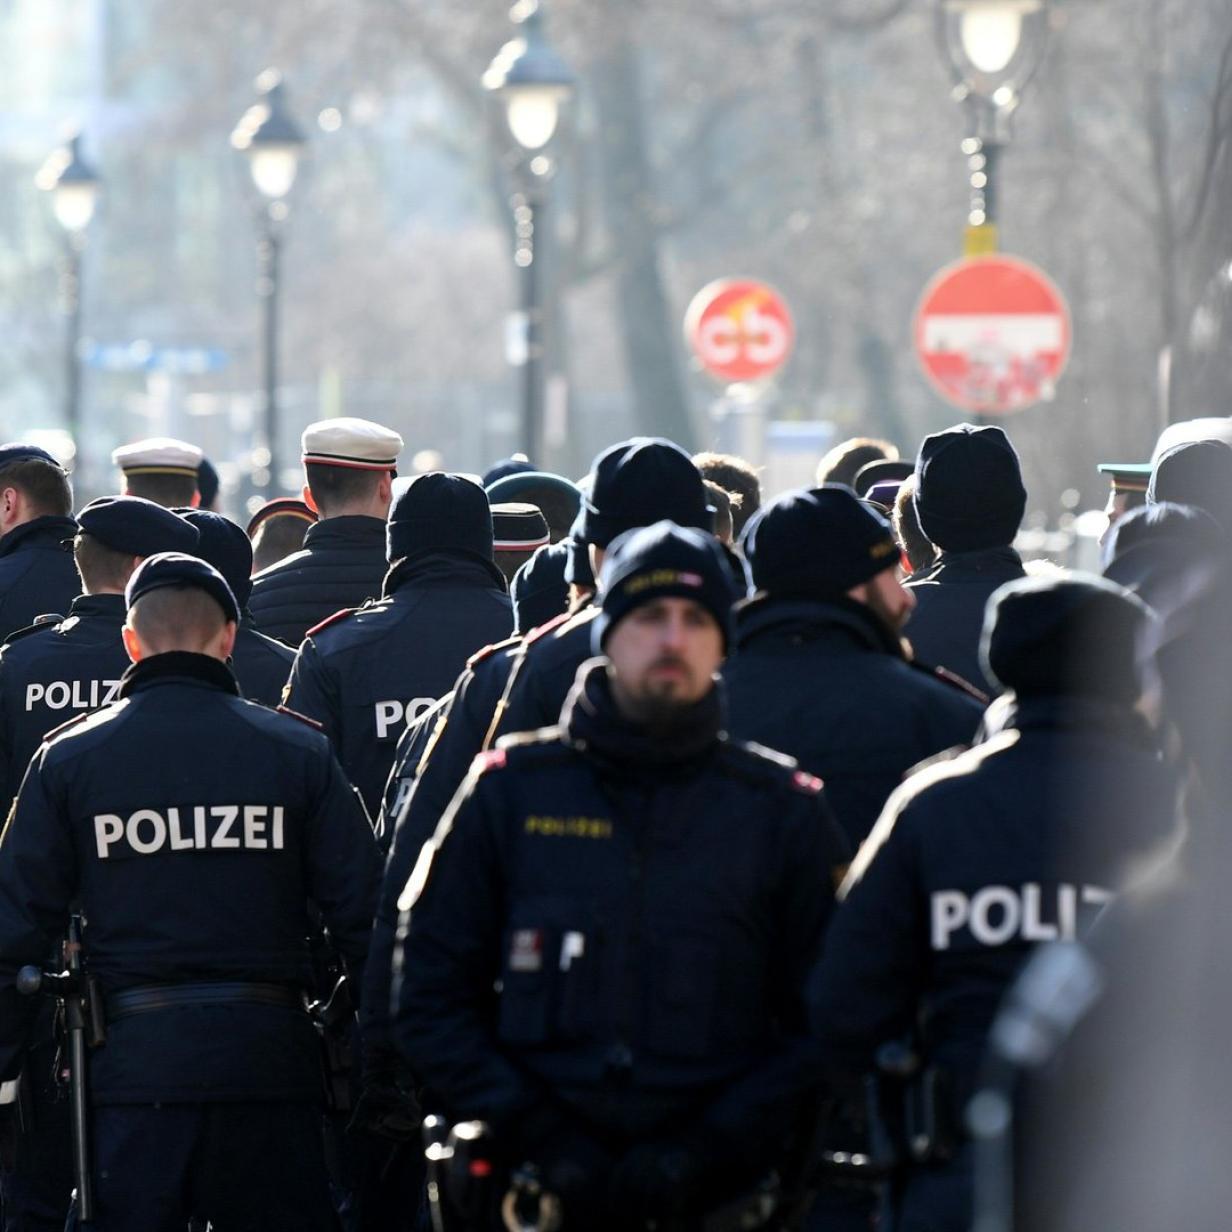 Neos wollen Namensschilder für Polizisten